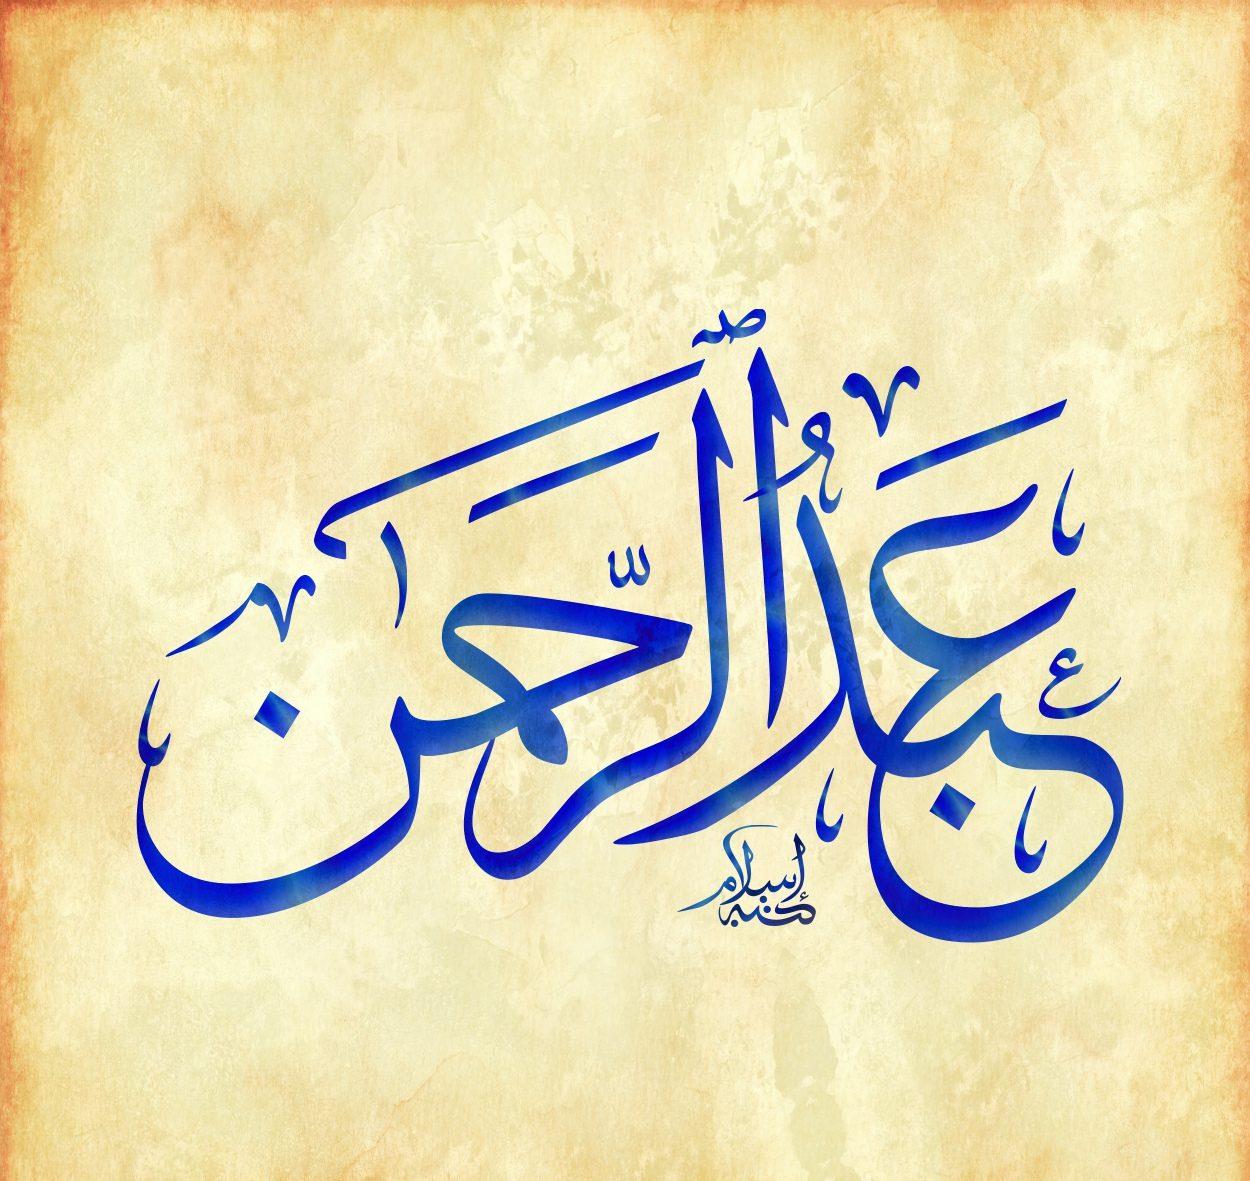 ما هو معنى اسم عبد الرحمن في الإسلام موقع مصري